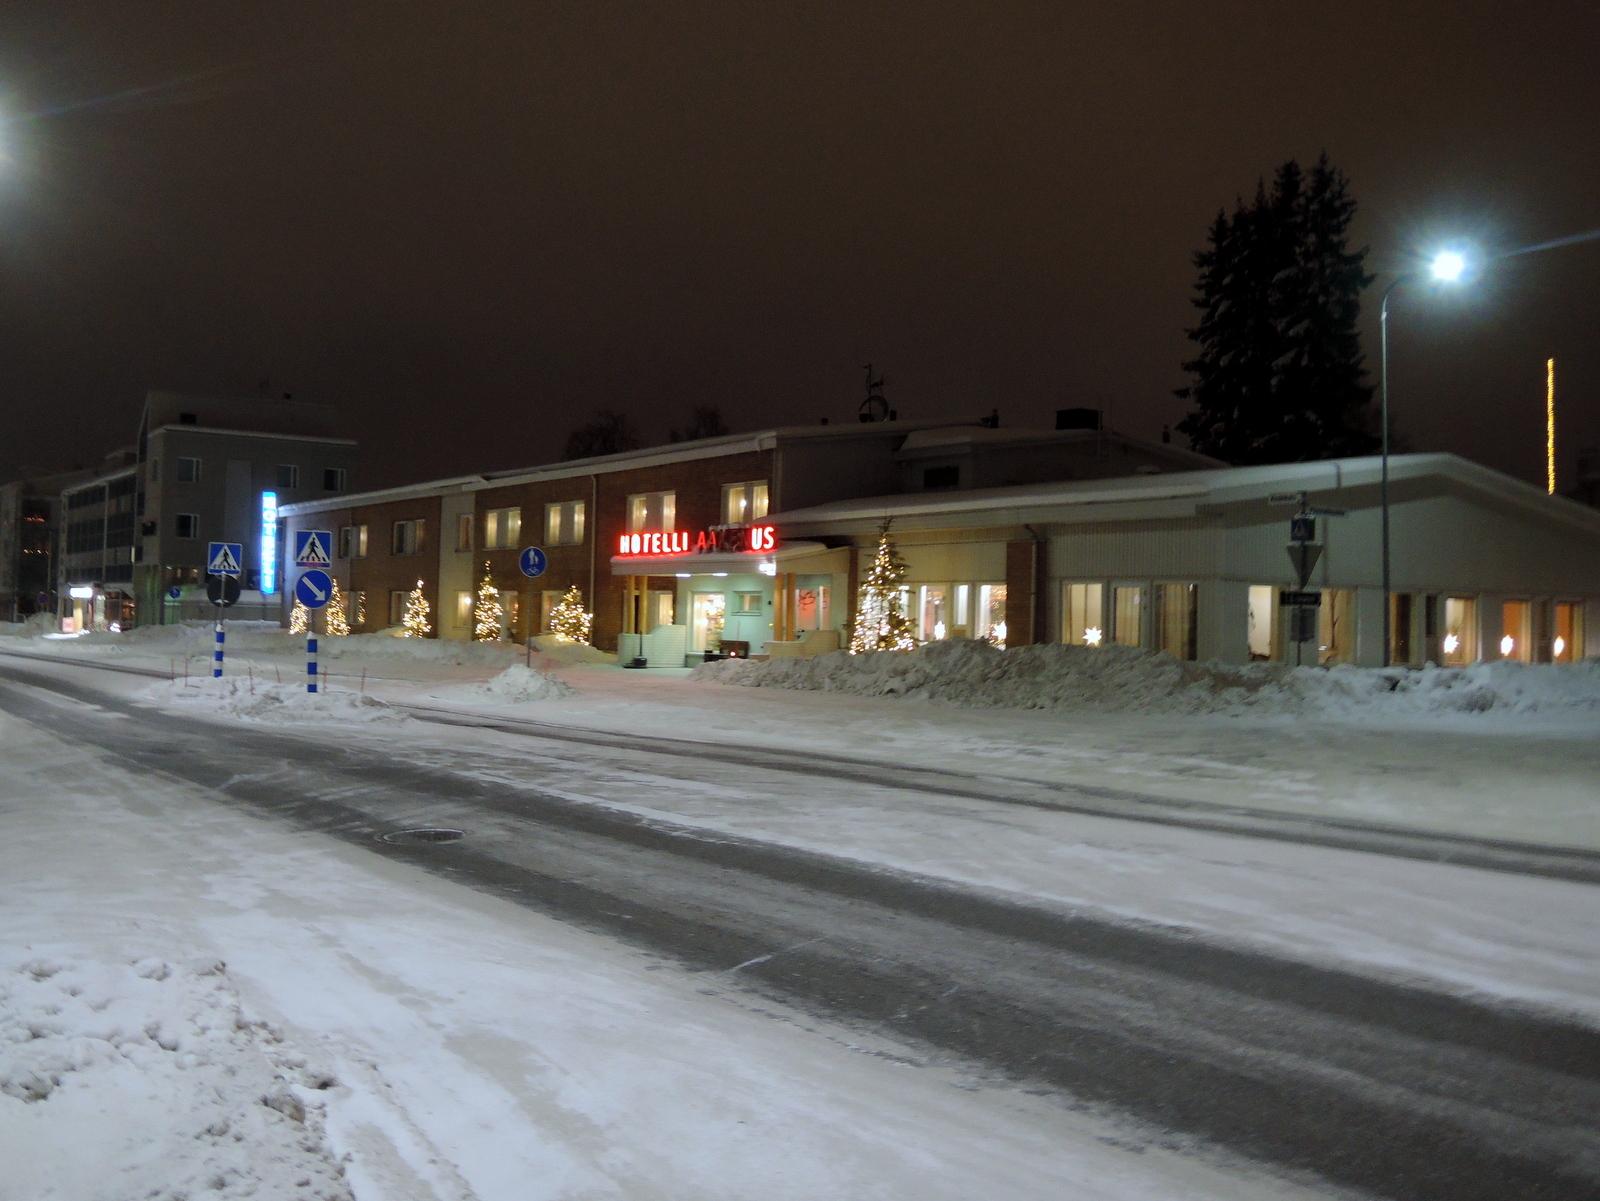 2019年冬フィンランド旅行記10 雪明かりのロヴァニエミ: PUPUPUKAYA ...